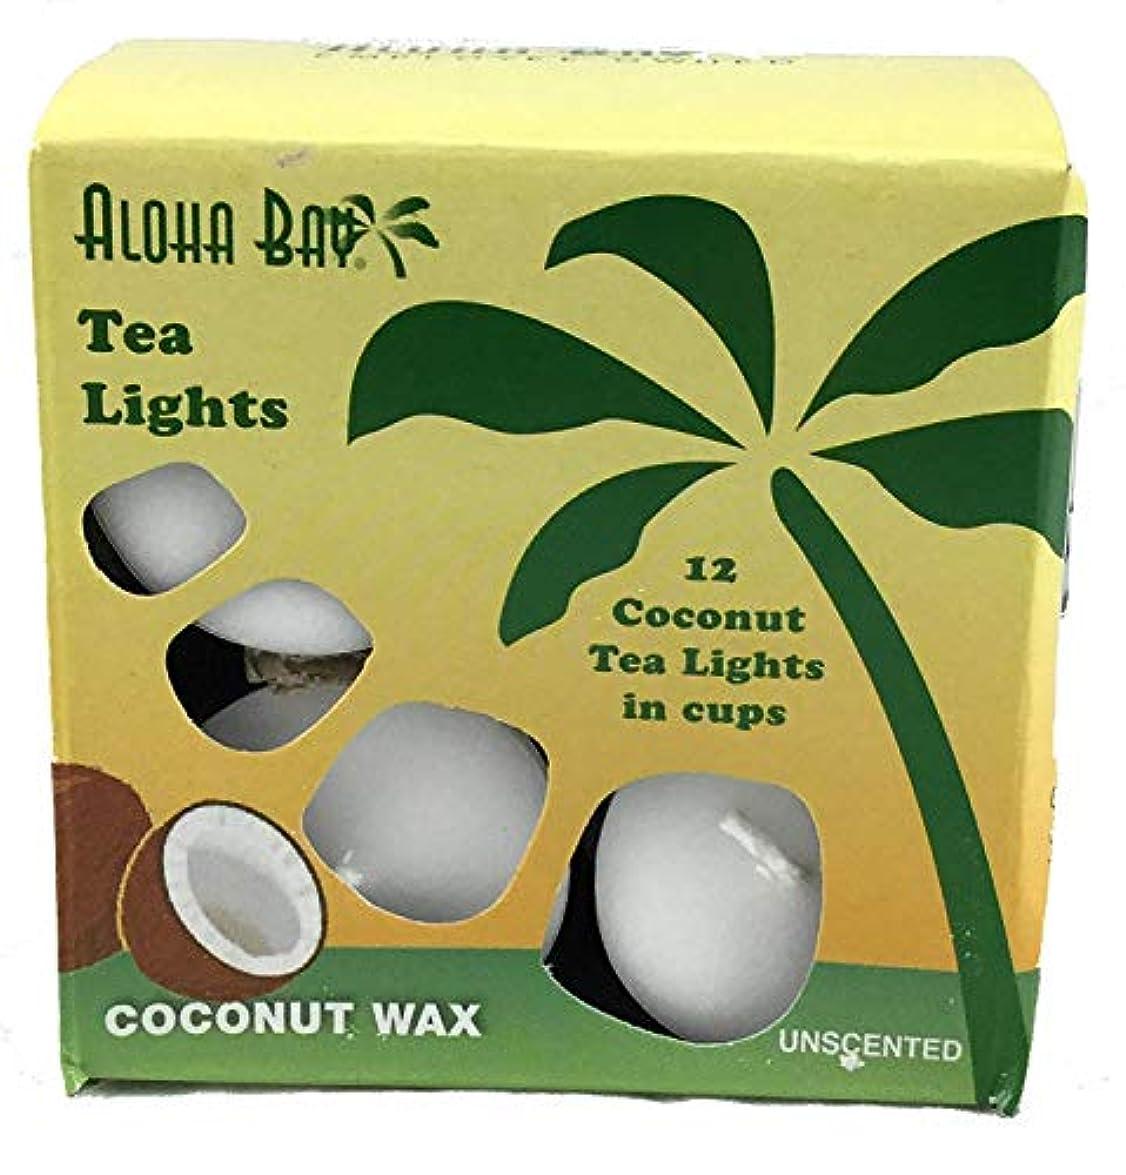 不名誉な成功した遅れAloha Bay - 100% 植物性パーム ワックス茶軽い蝋燭無香料ホワイト - 12パック